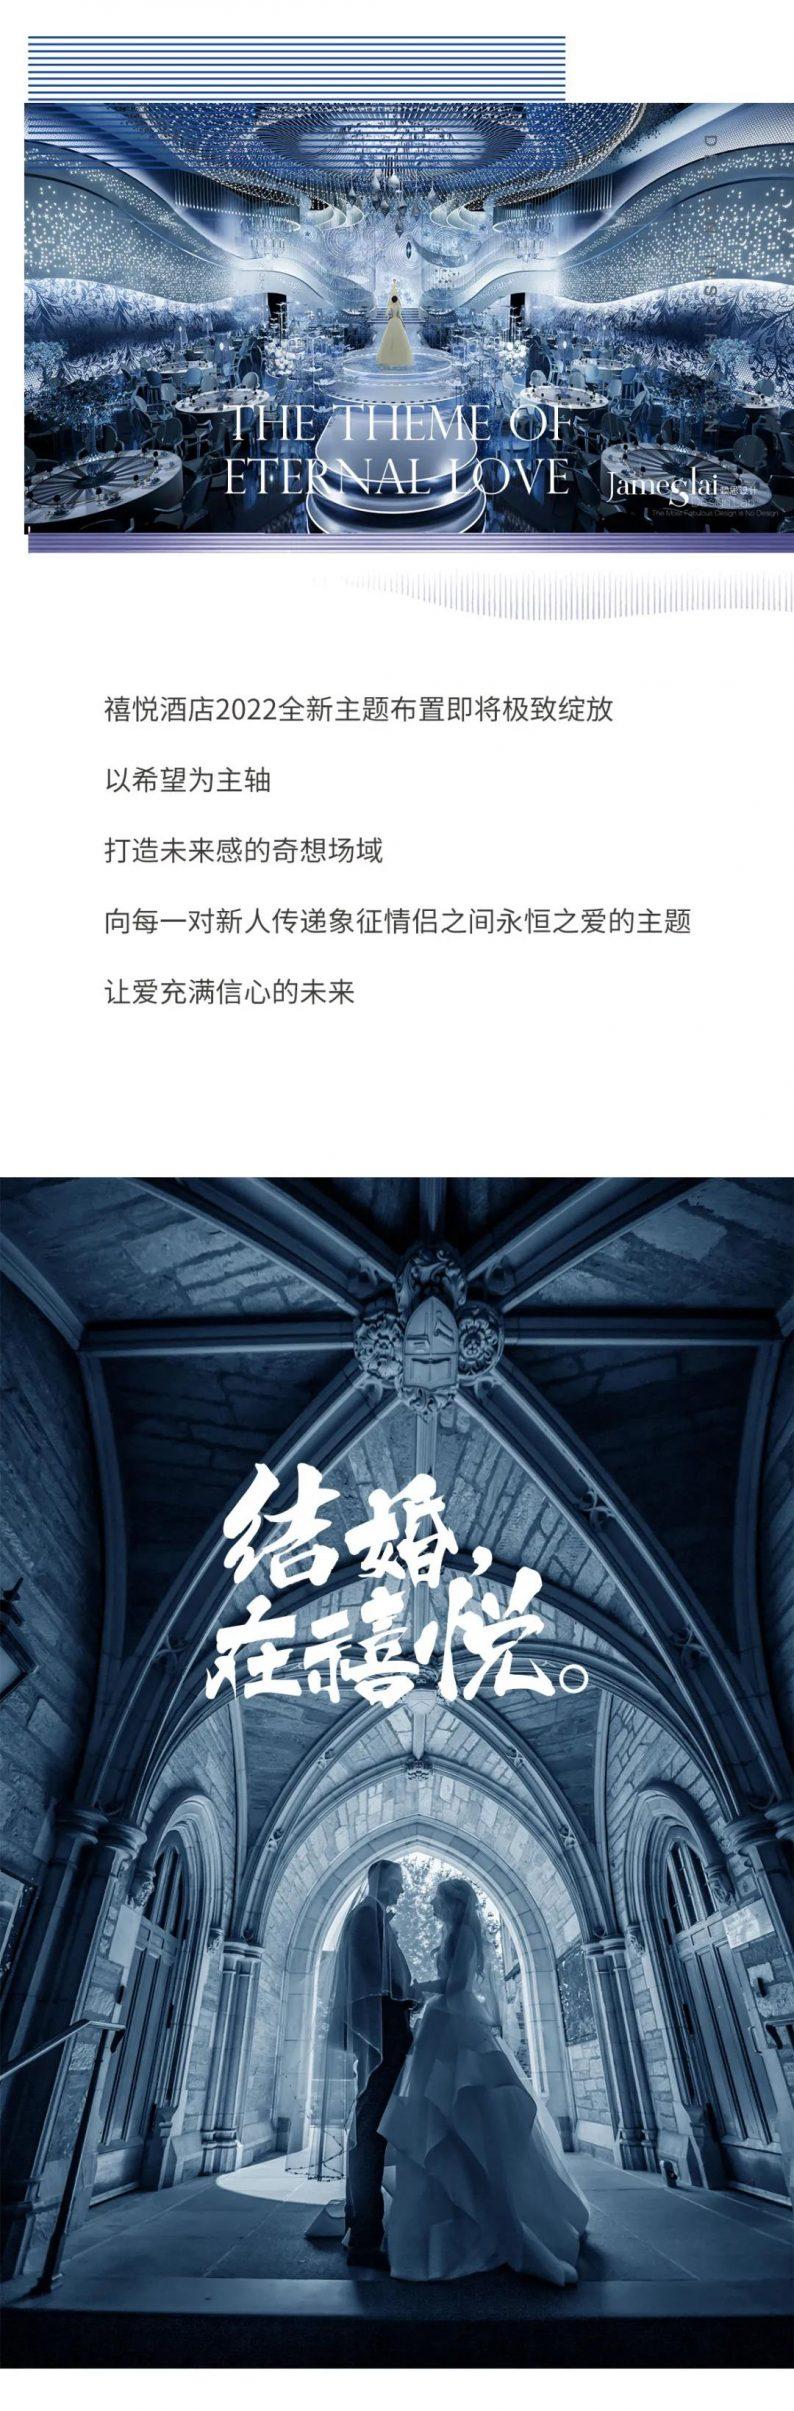 婚礼堂发布:James赖设计!2022禧悦酒店全新主题即将绽放  第5张